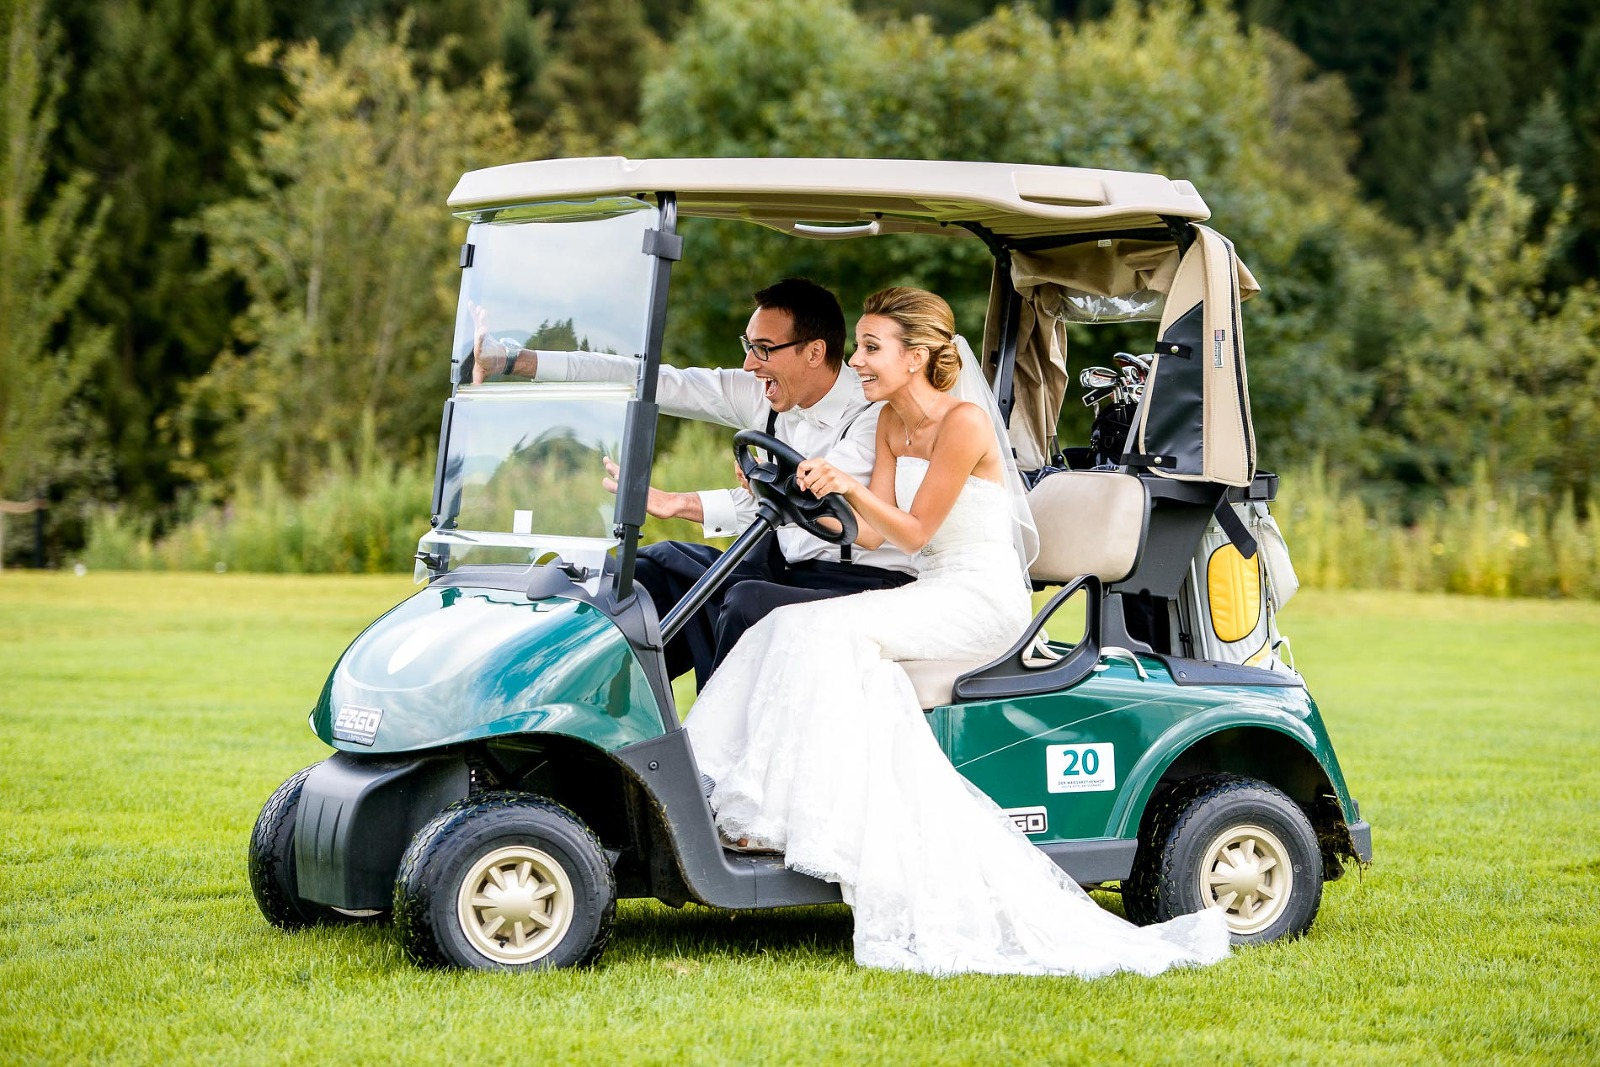 Fotograf München Hochzeit, Brautpaar im Golfwagen auf Golfplatz am Tegernsee